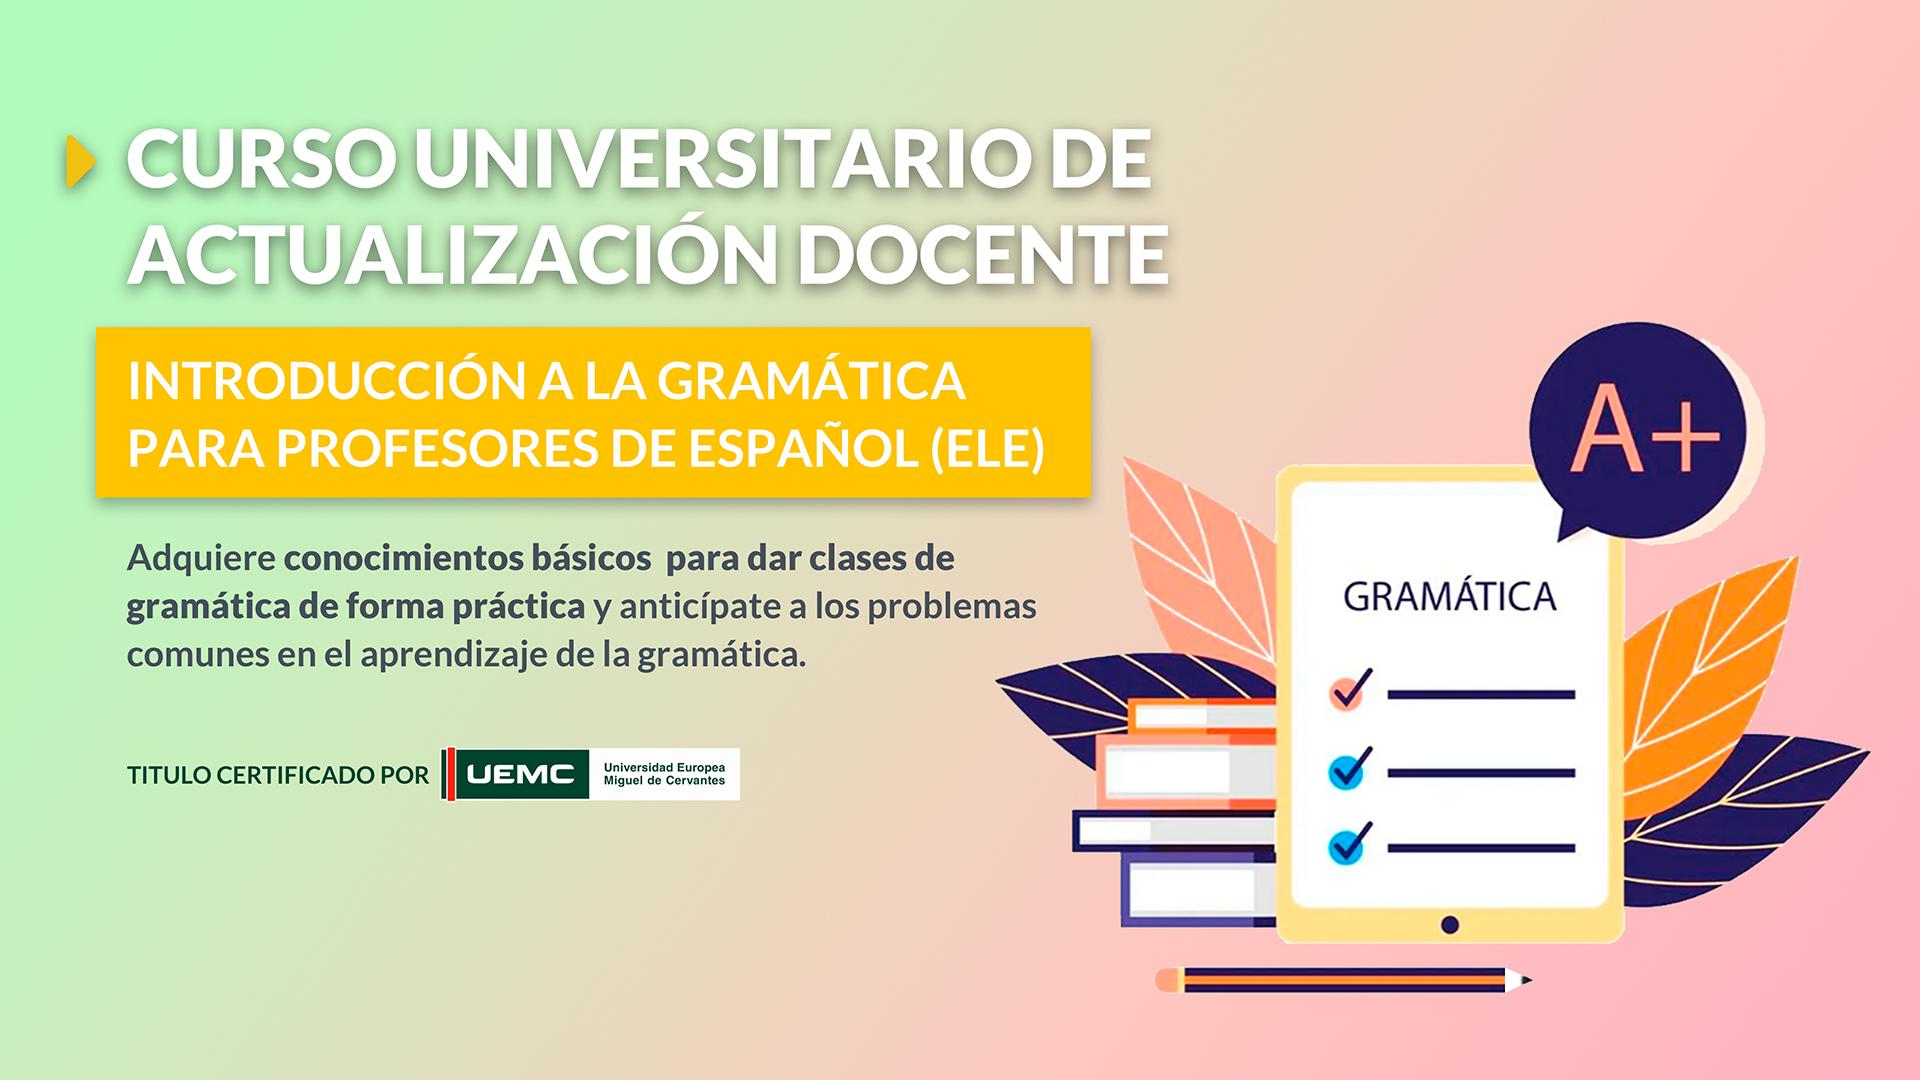 Cursos Universitarios de Actualización Docente: Introducción a la gramática para profesores de español (ELE)